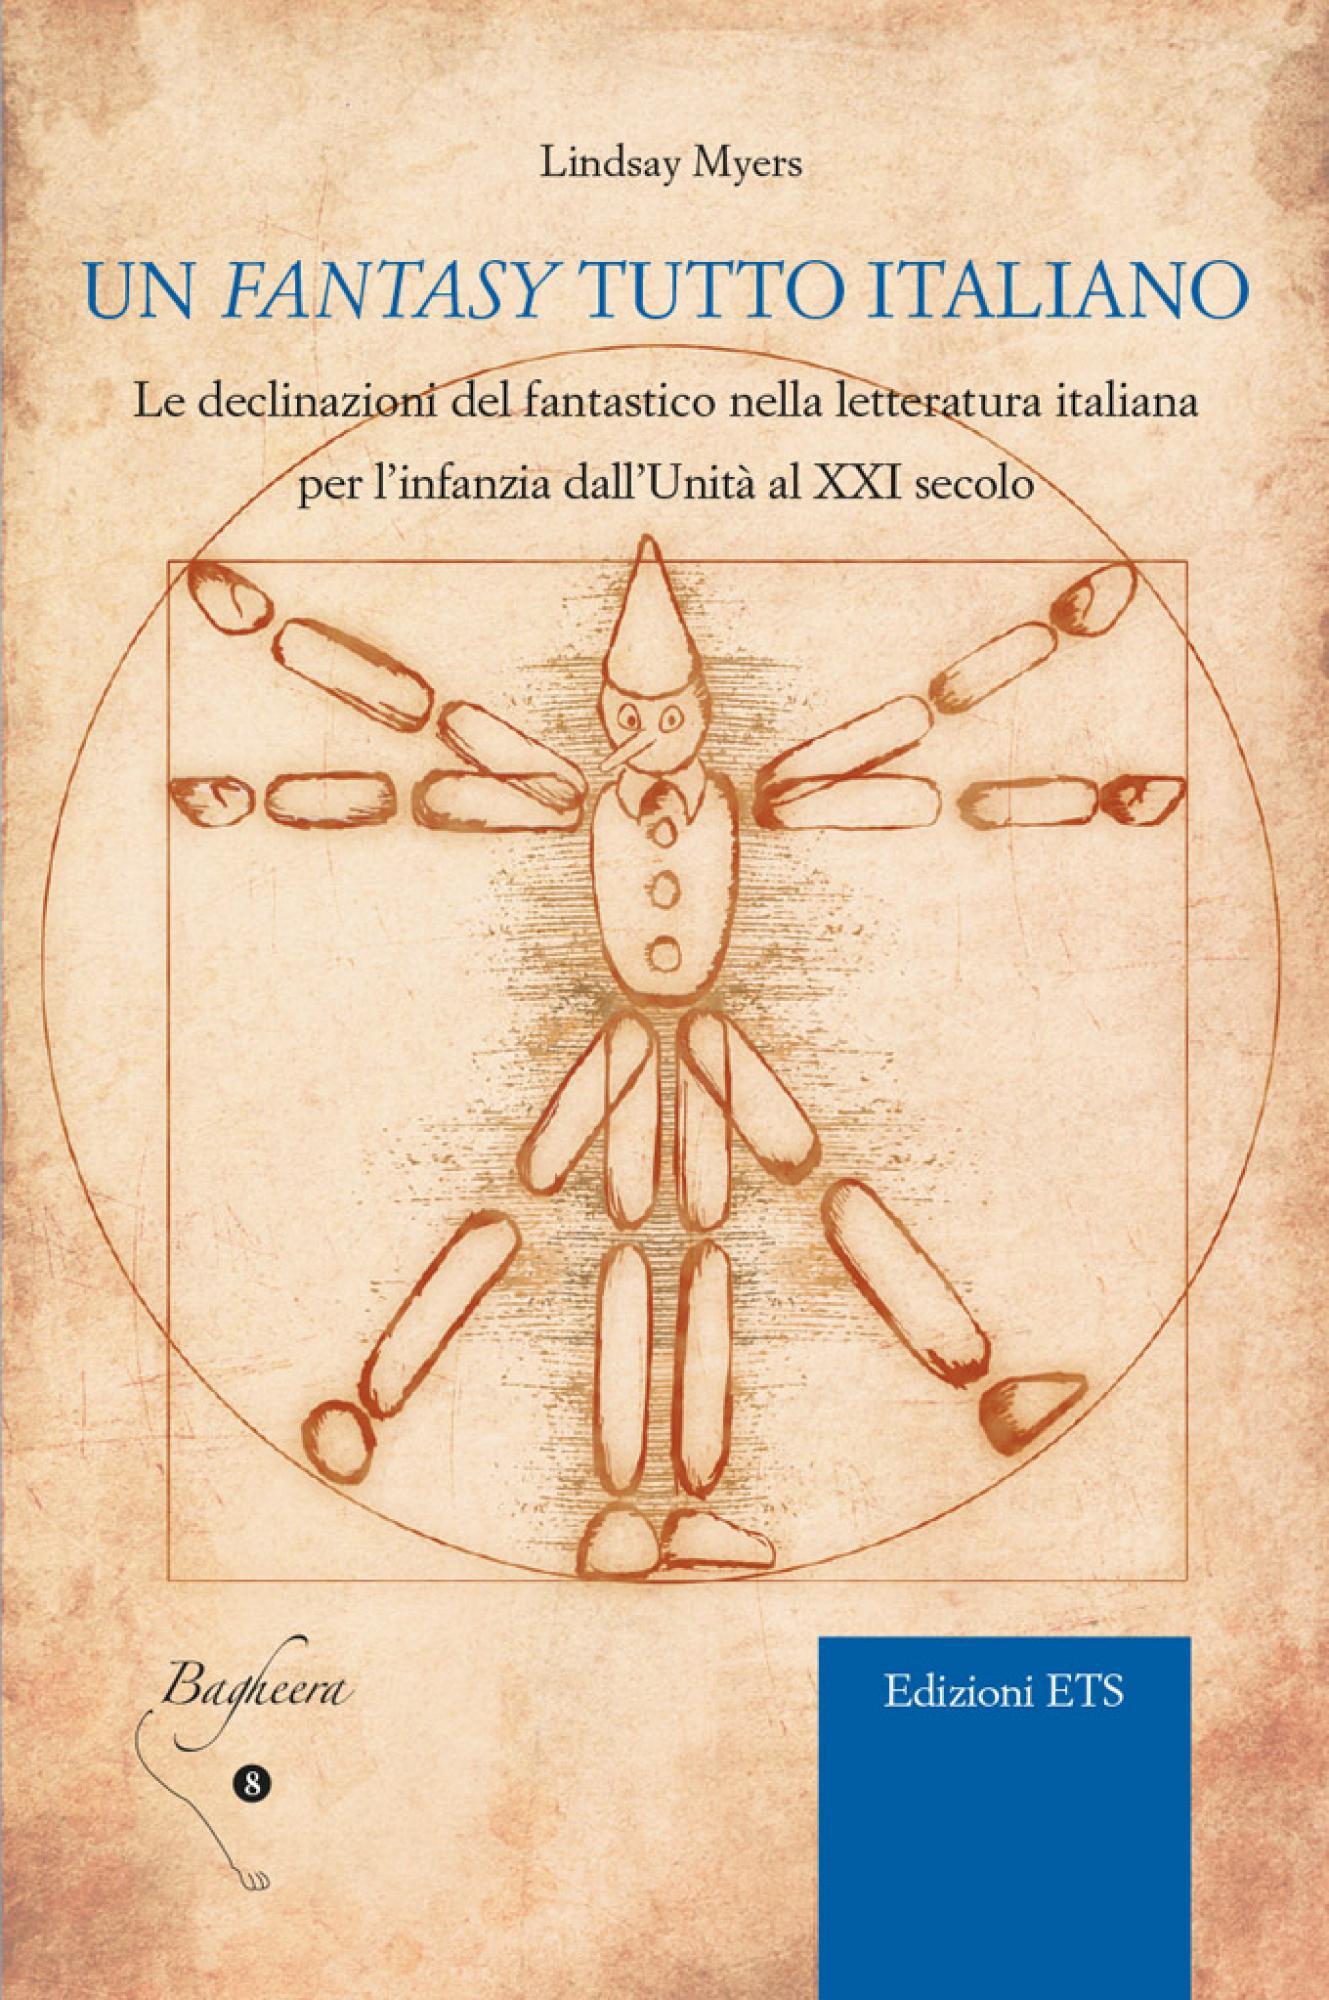 Un <em>fantasy</em> tutto italiano.Le declinazioni del fantastico nella letteratura italiana per l'infanzia dall'Unità al XXI secolo